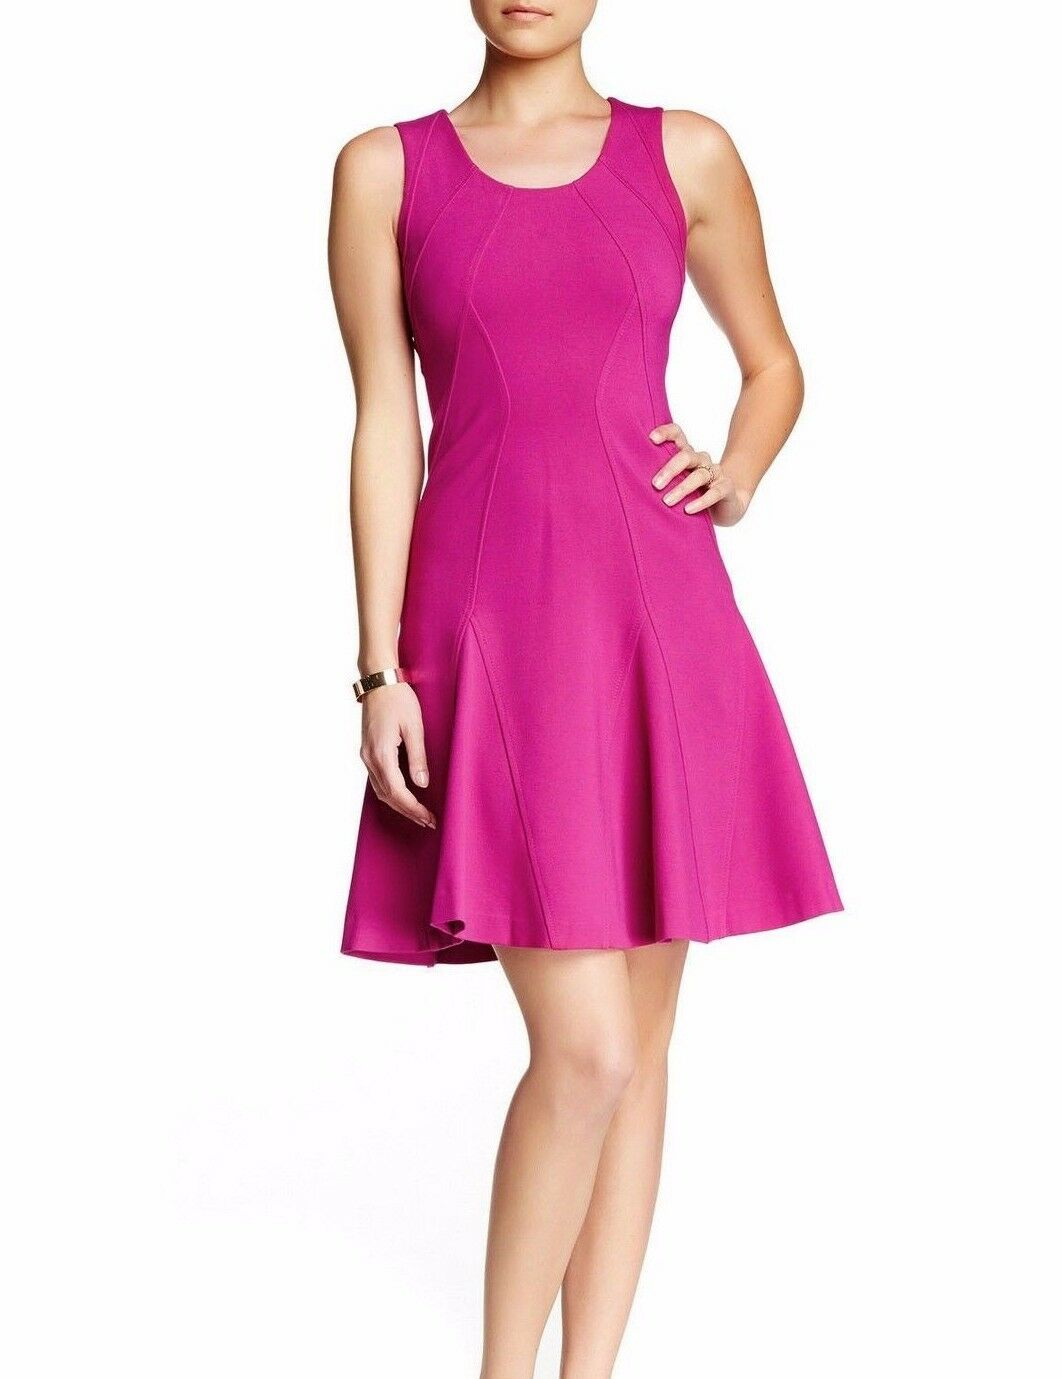 398-- NWT Diane Von Furstenberg DVF Alice Dress, Rosy bluesh, size 12